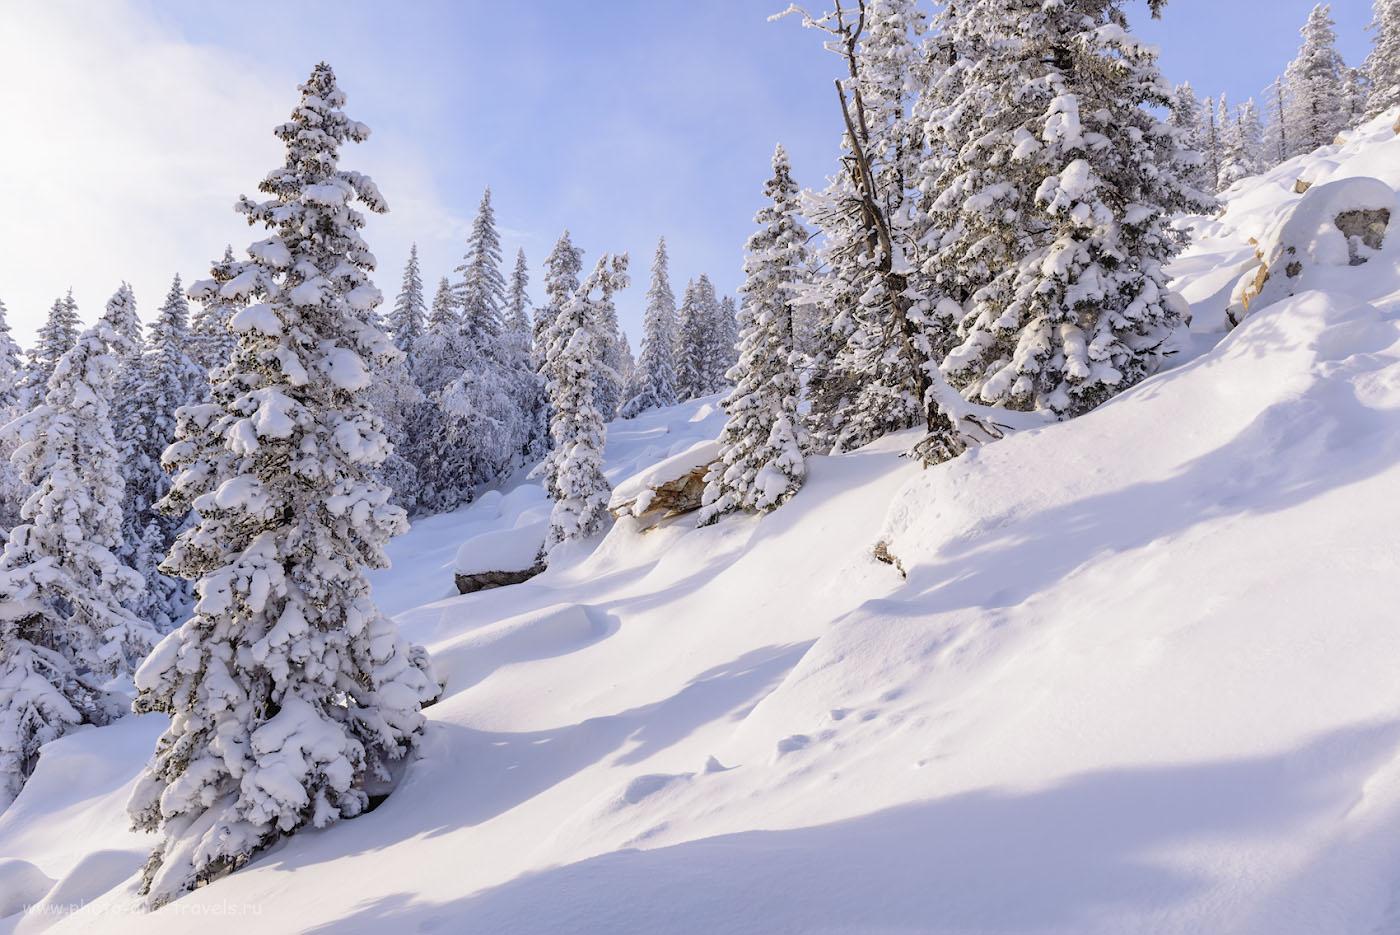 Фотография 6. Как выглядят курумники на Зюраткуле зимой. Поход выходного дня по Южному Уралу. 1/160, 0.67, 9.0, 140, 24.